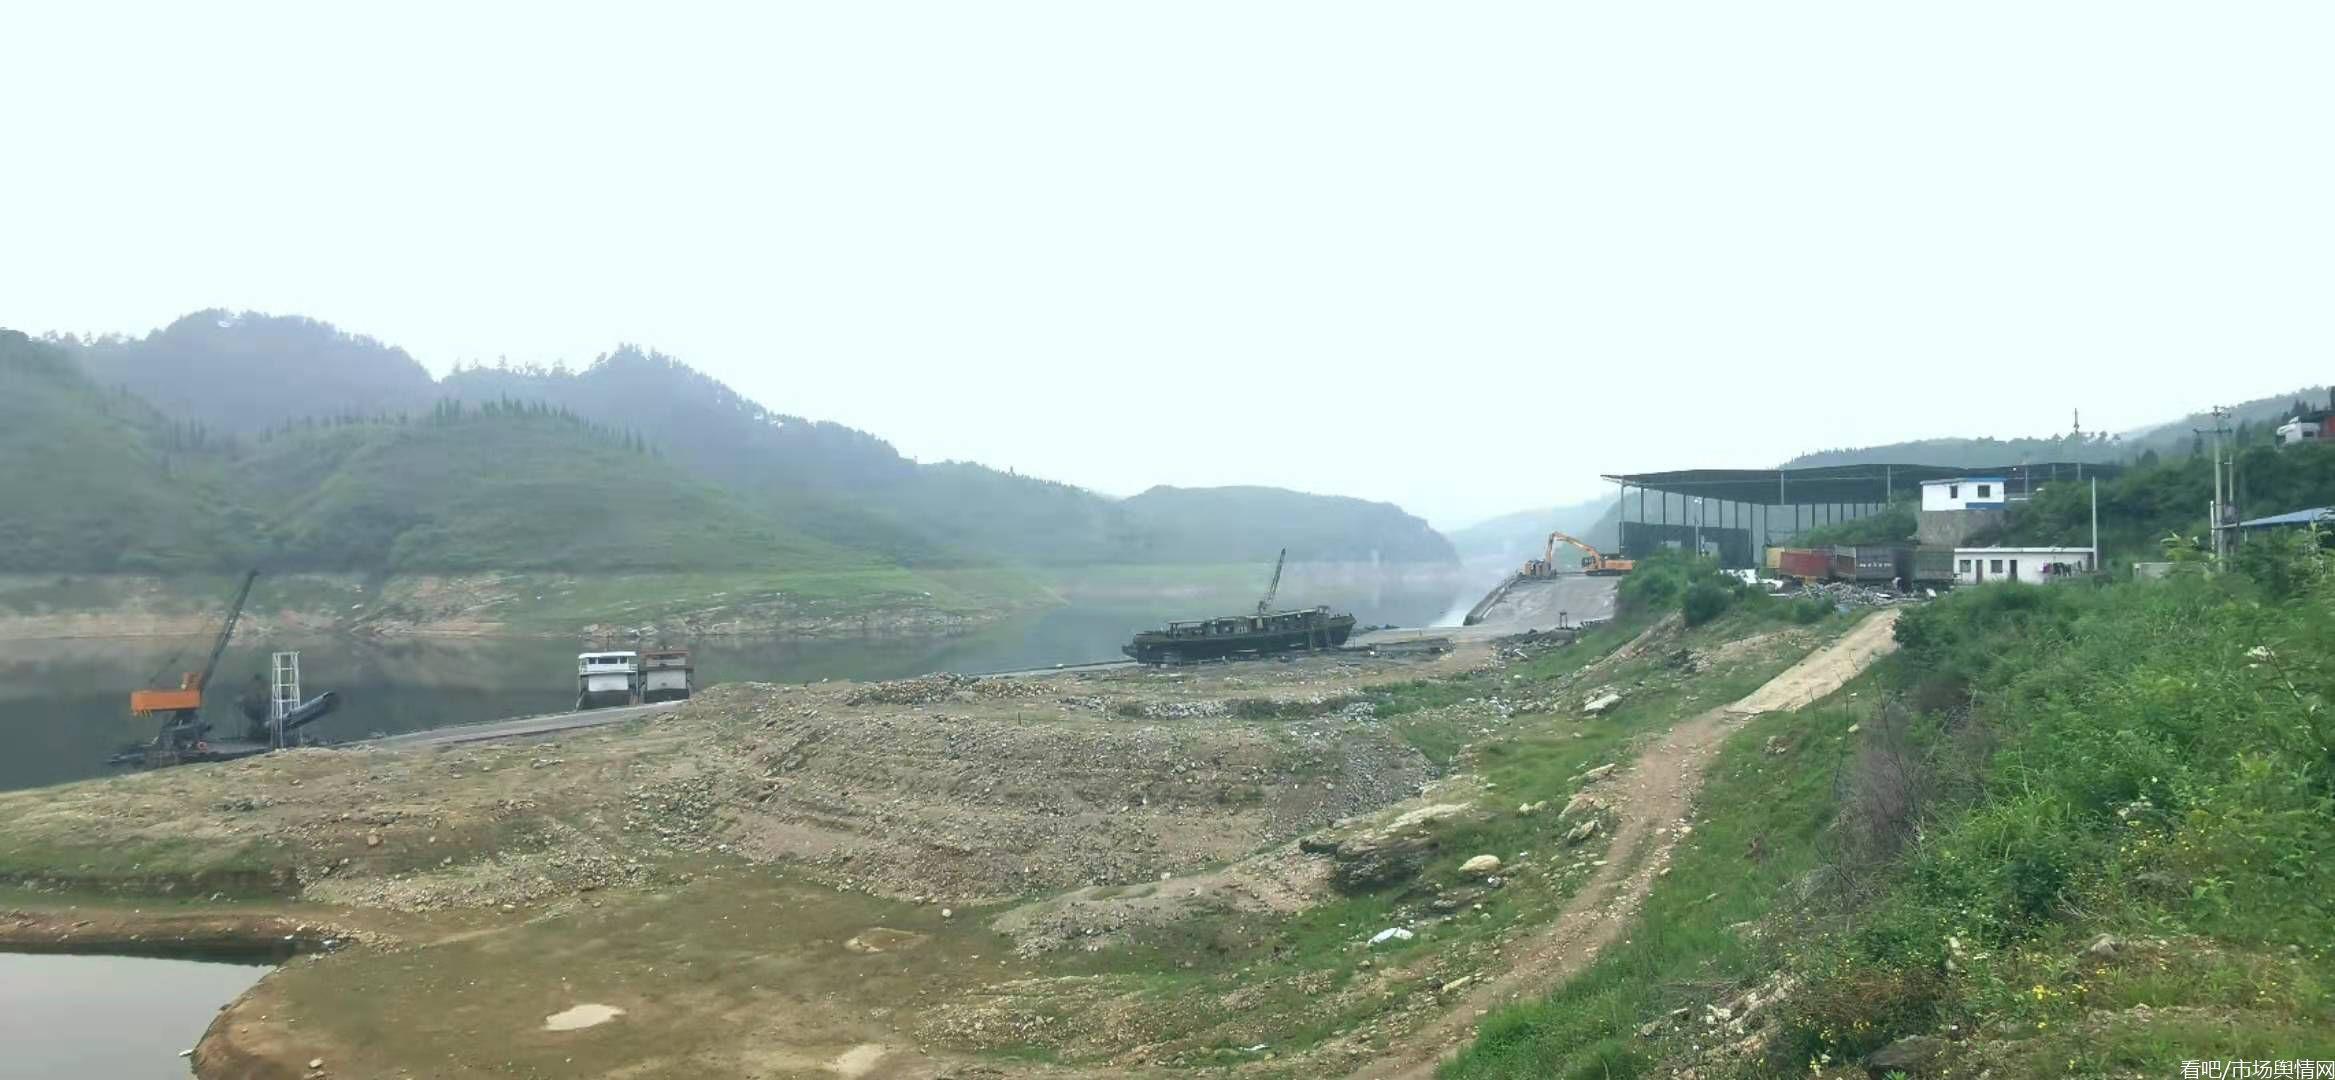 贵州息烽县一货运码头建设惹争议 当地村民反映多年无果